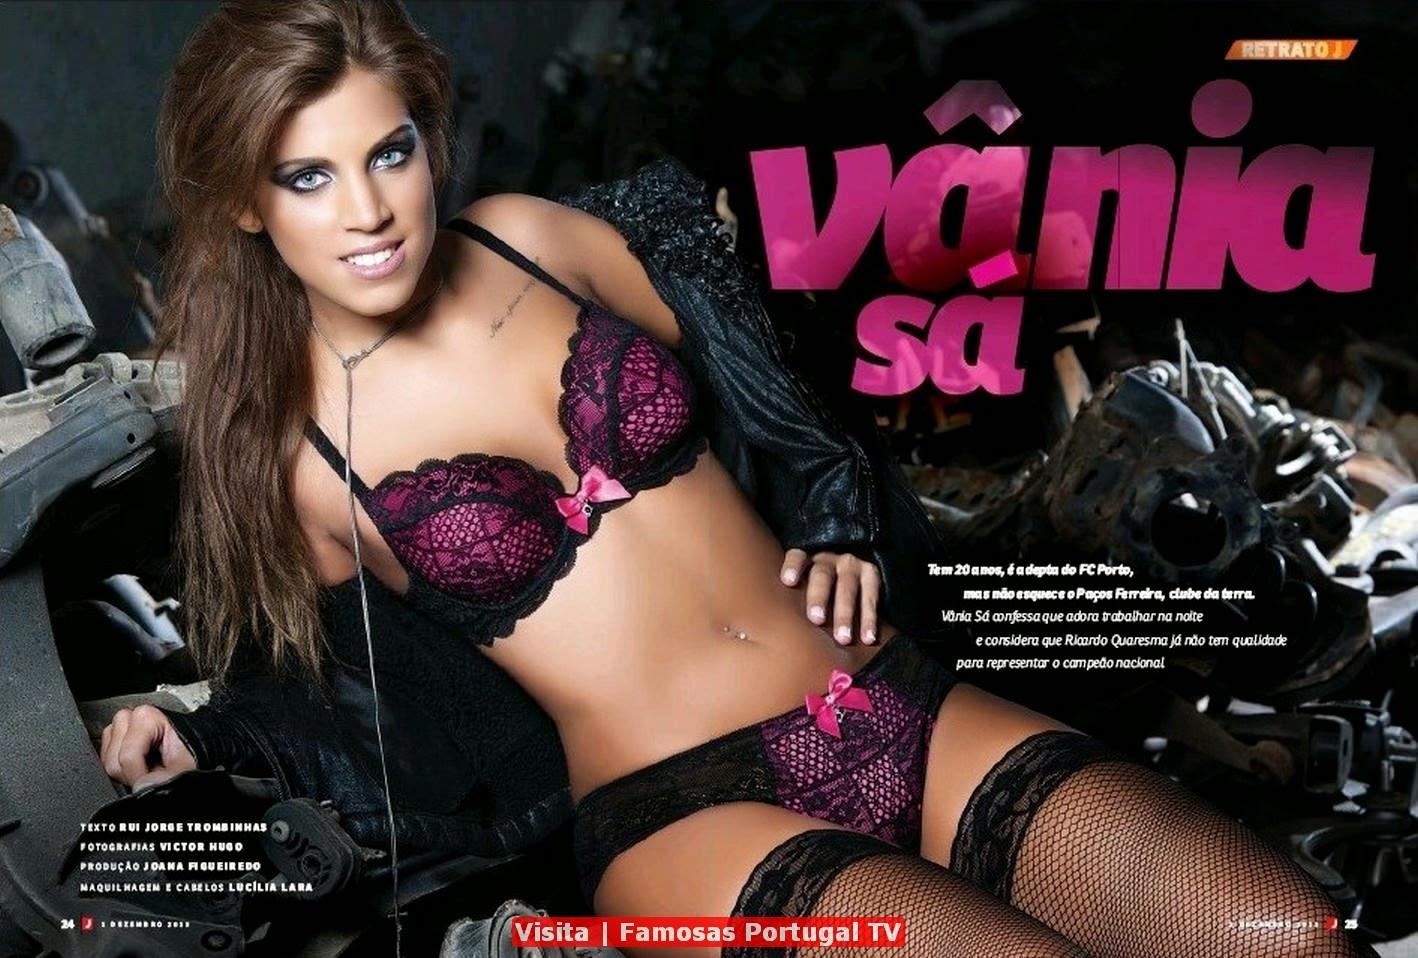 Fotos Vânia Sá Casa dos Segredos 5 - Revista J